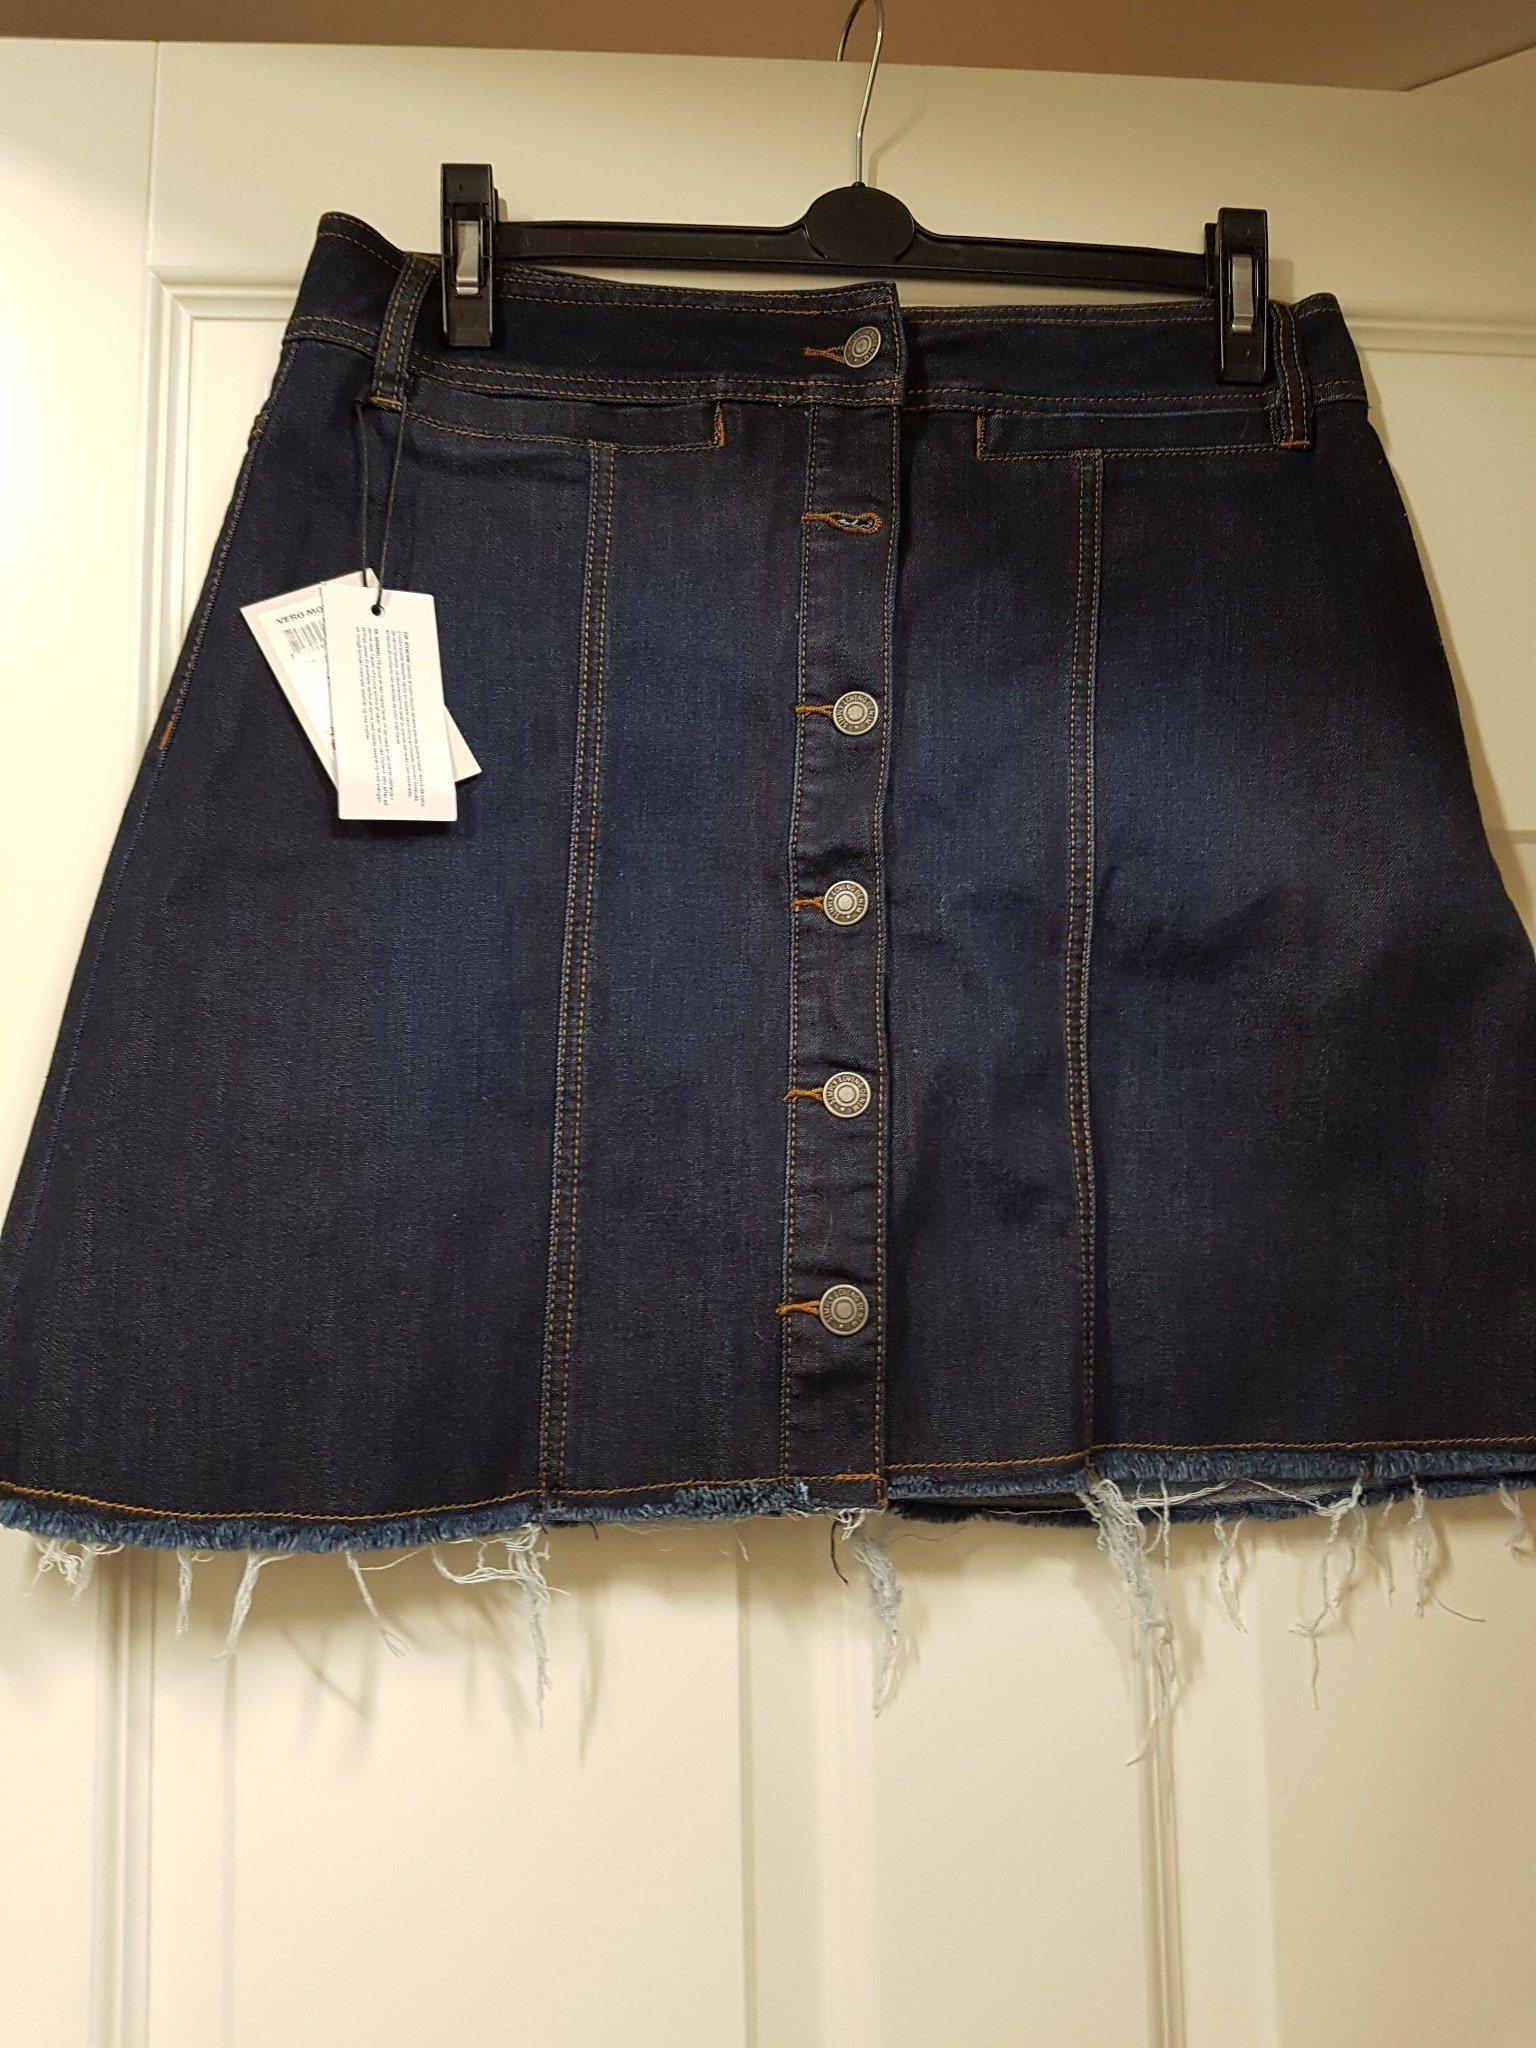 95939d917301 Ny Vero Moda jeanskjol (339797012) ᐈ Köp på Tradera